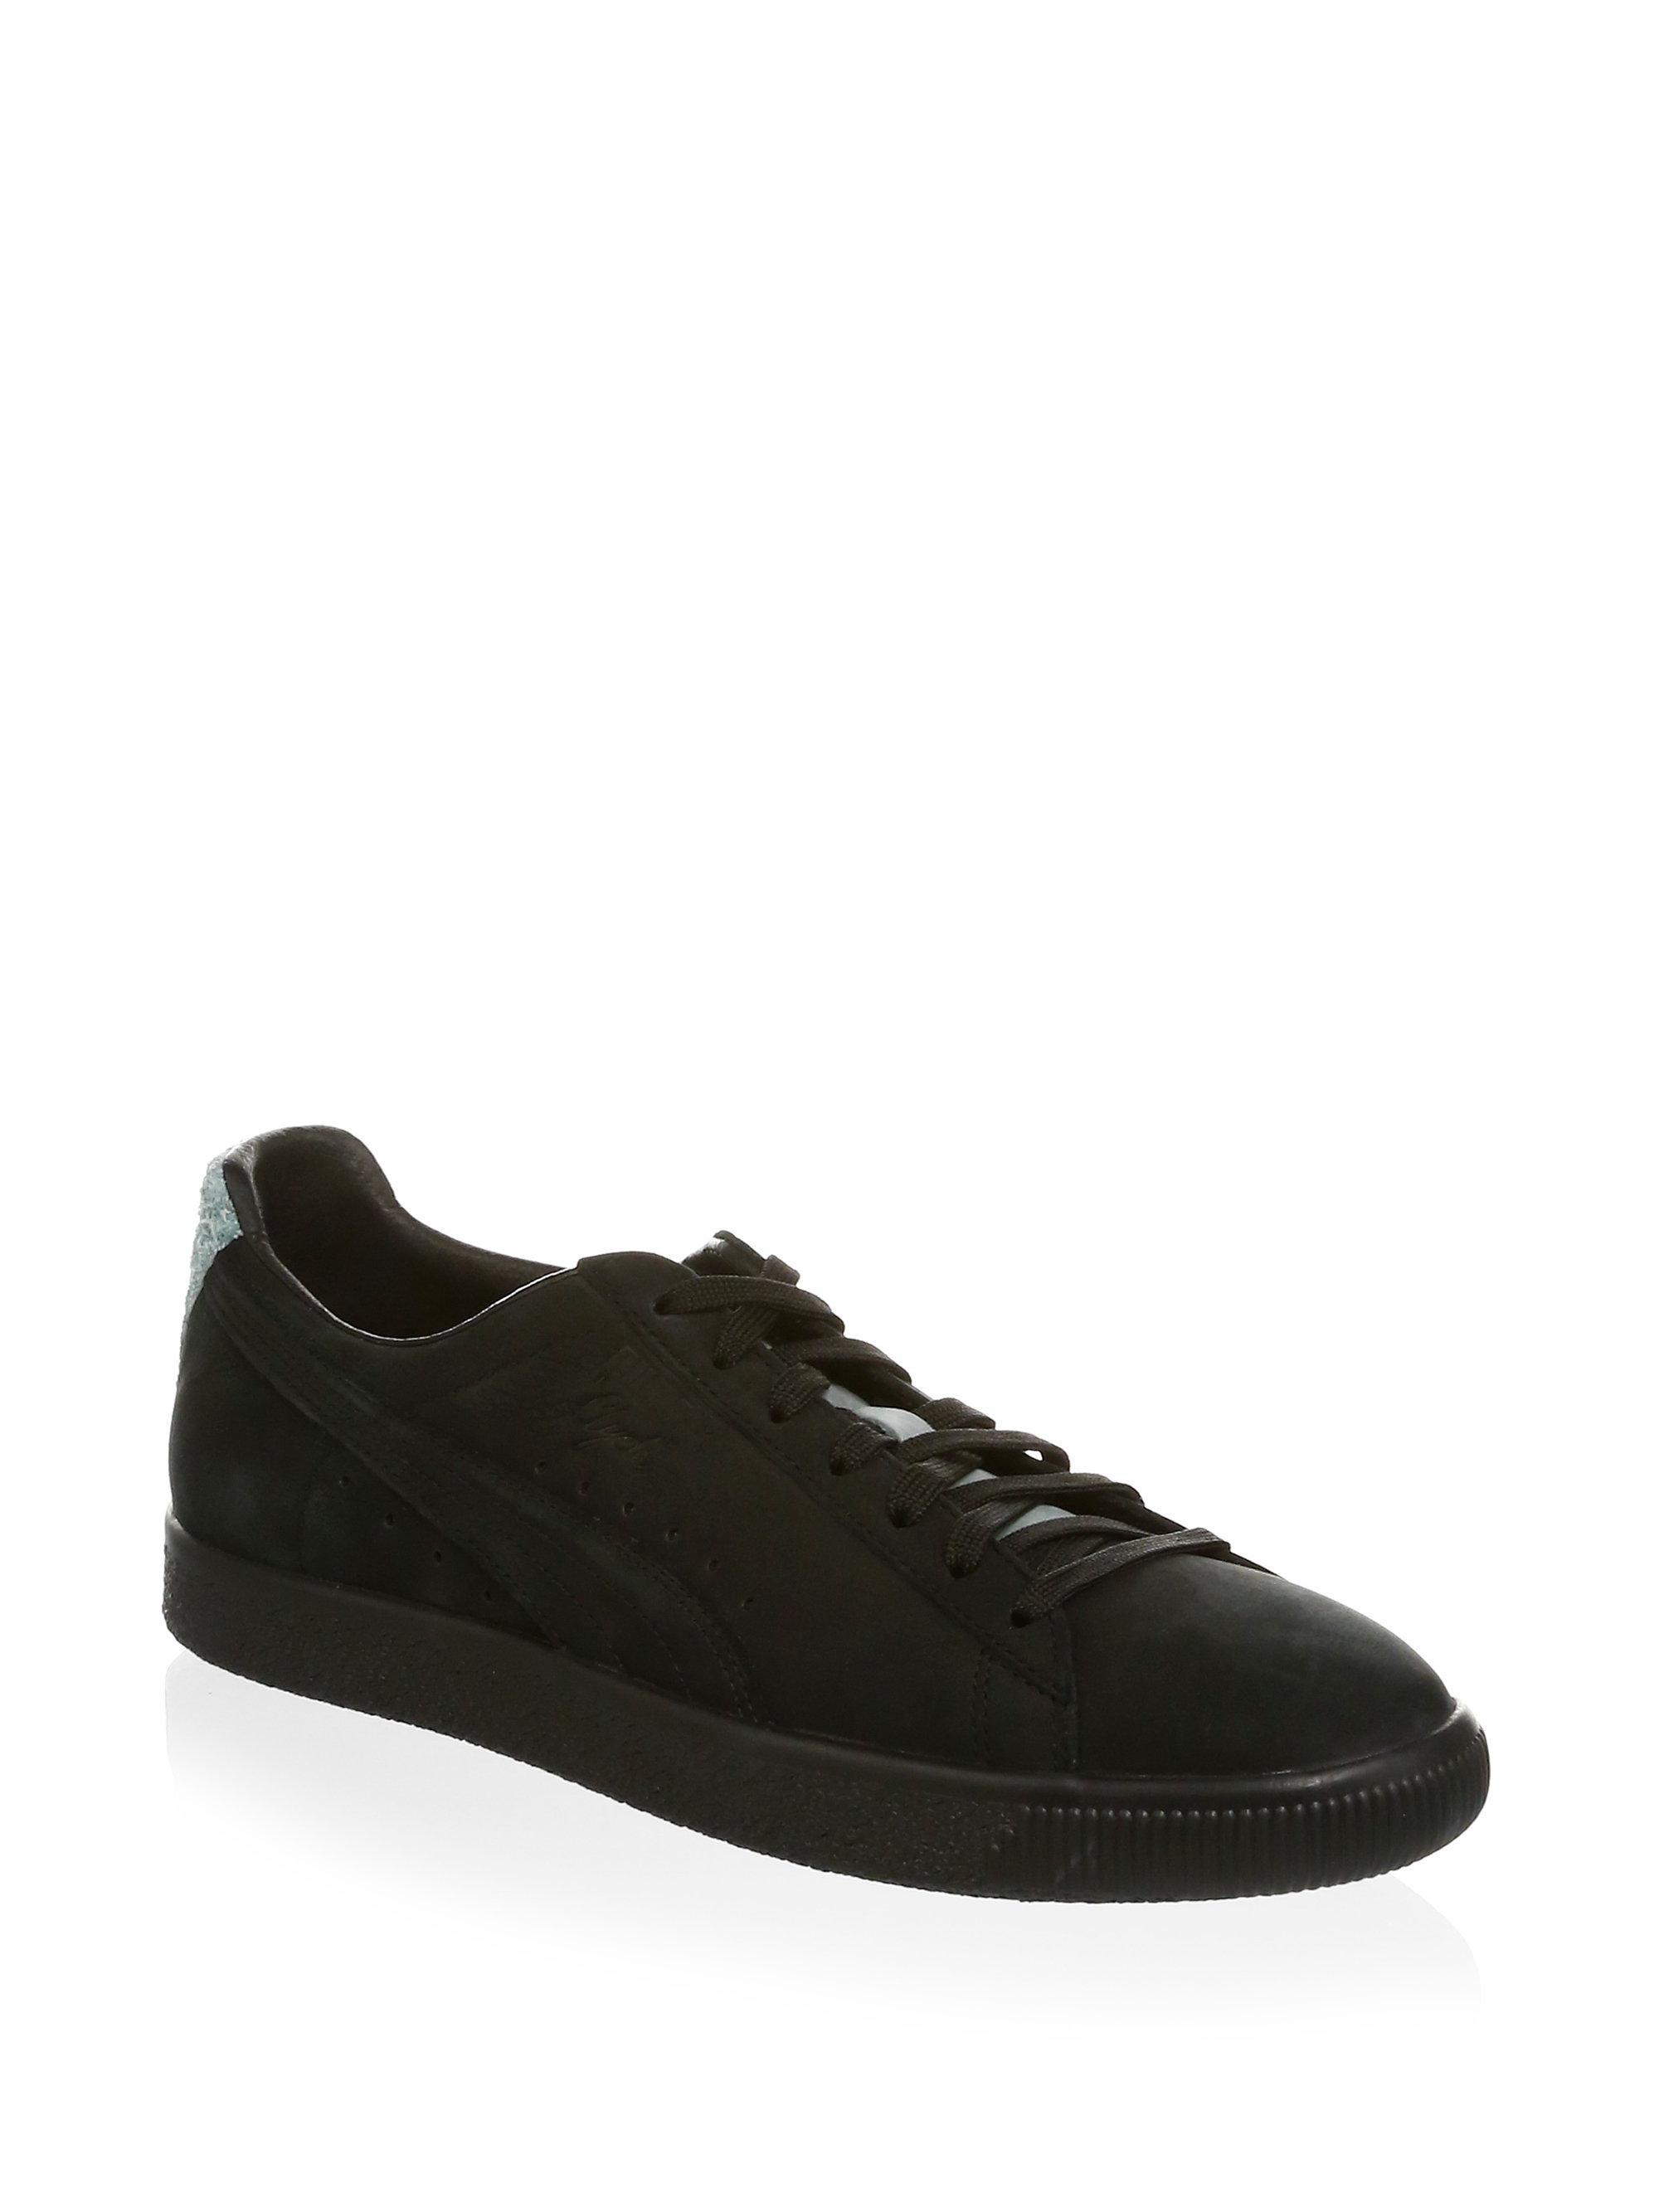 Puma X En Noir Suede Sneakers arjaVHNe